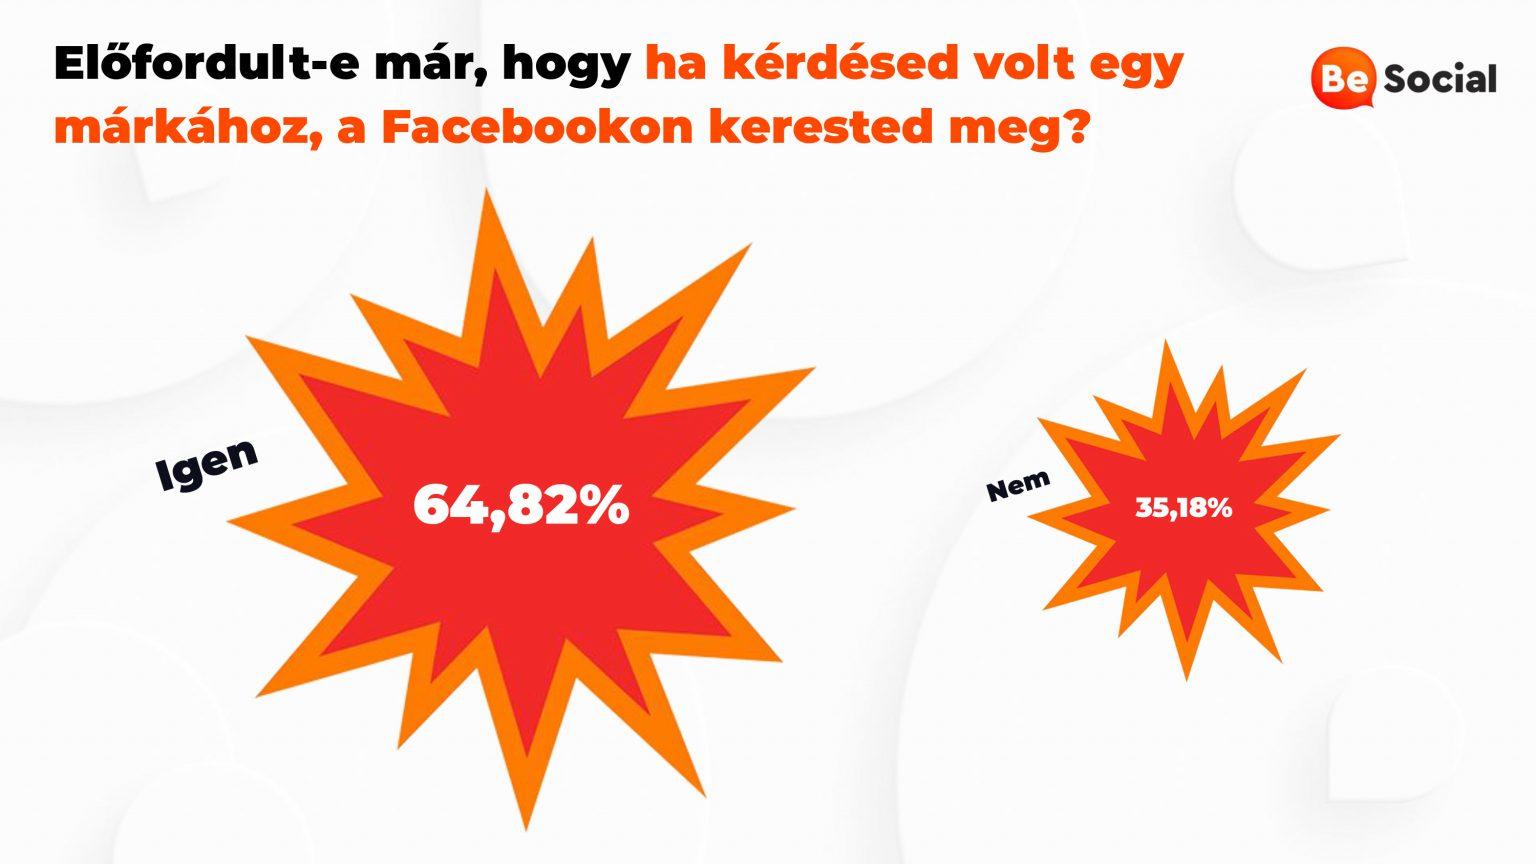 besocial_facebook_30-1536x864.jpg